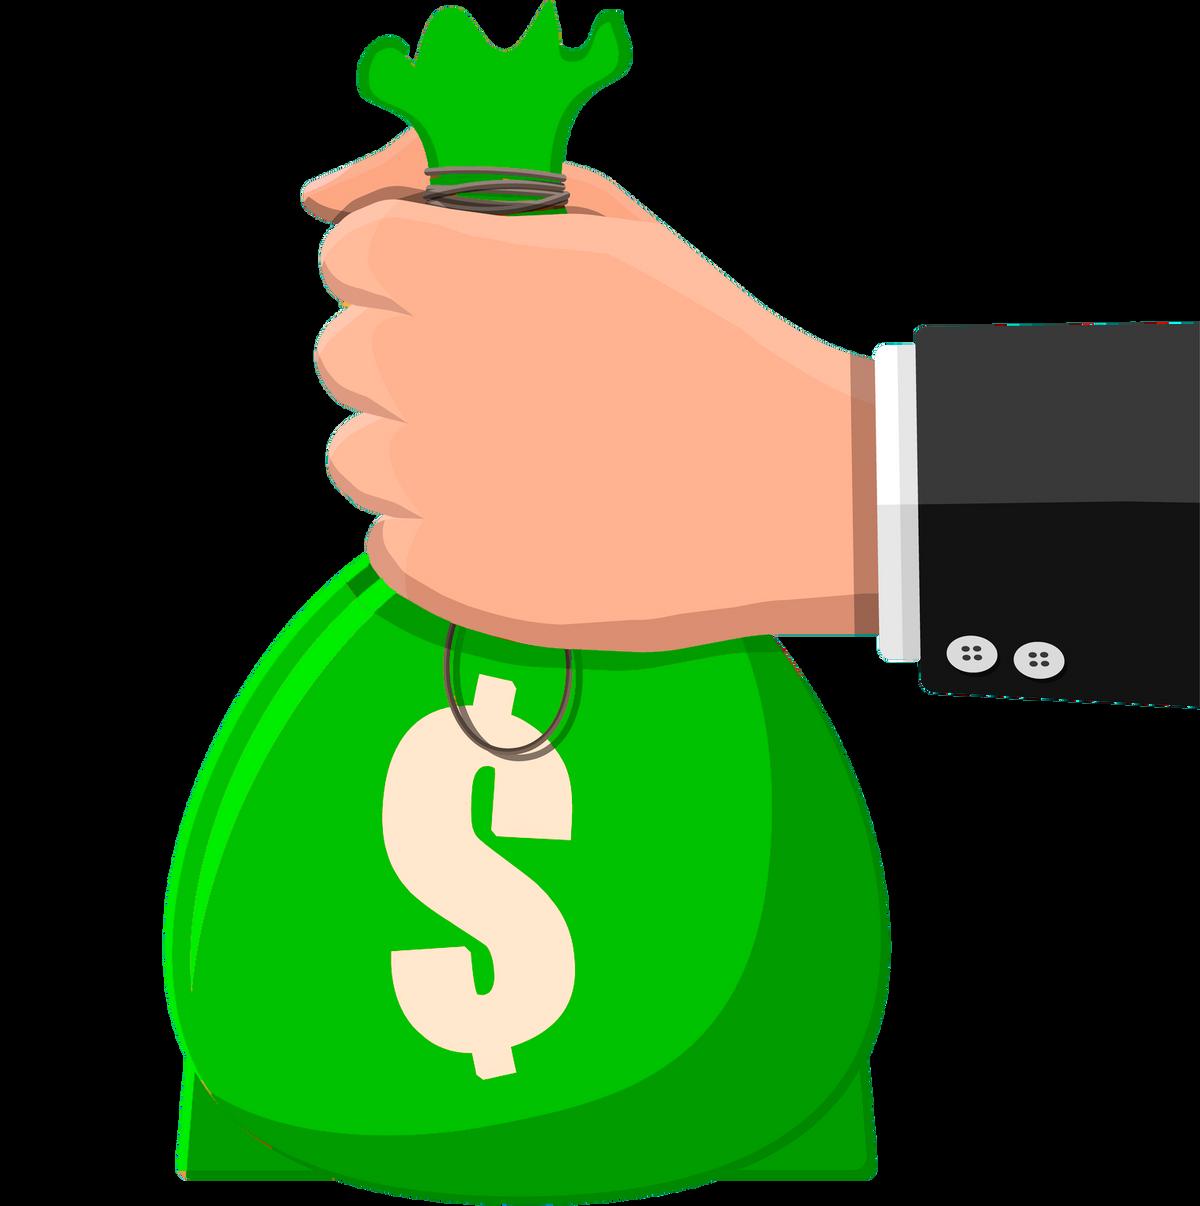 Как сэкономить на аренде. Альтернативные способы начать бизнес с минимальным бюджетом